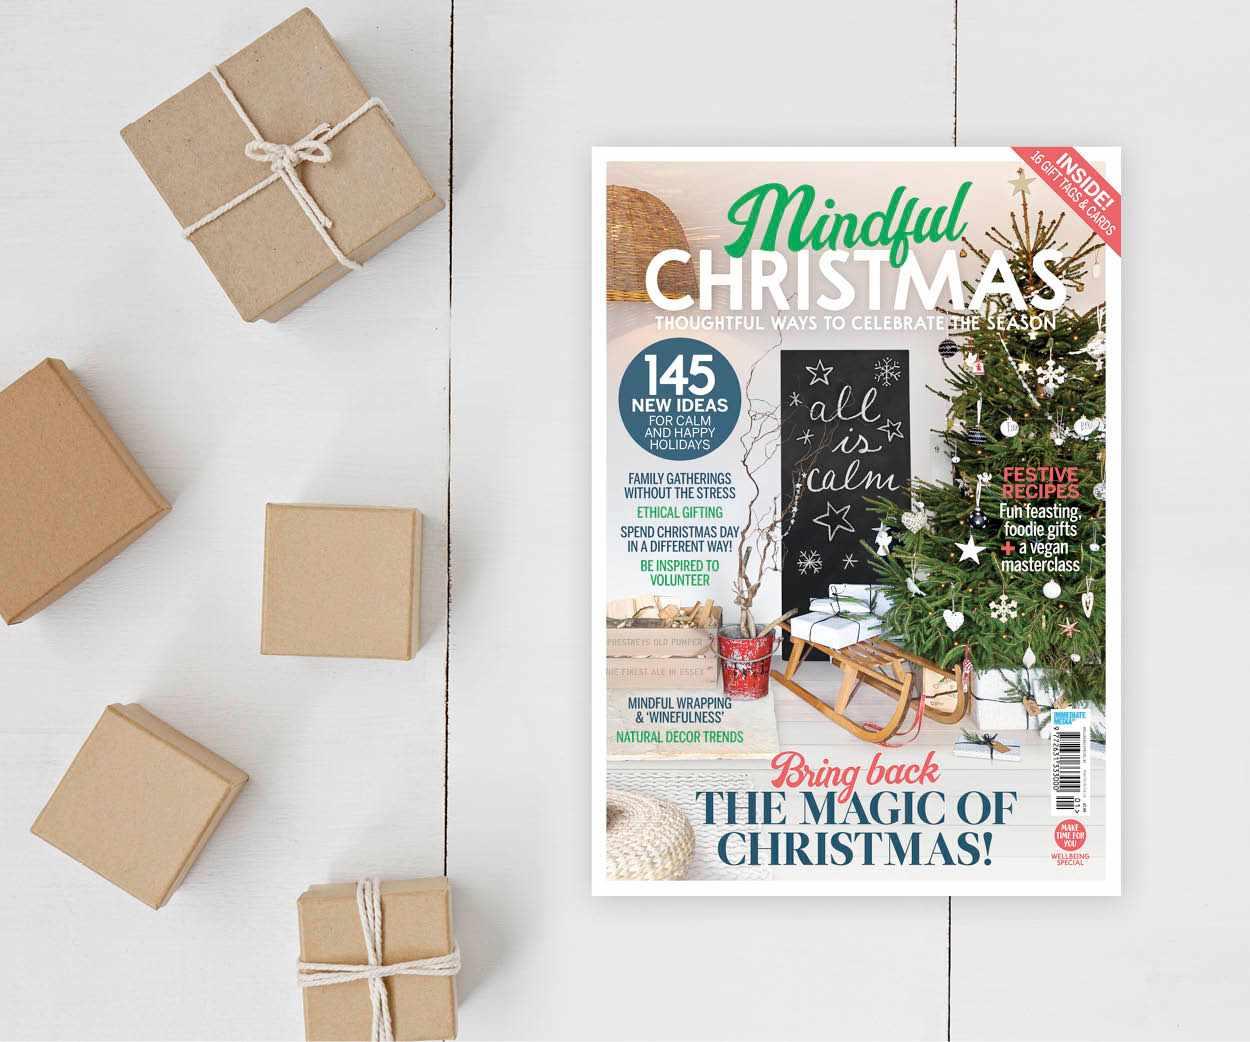 Mindful Christmas magazine